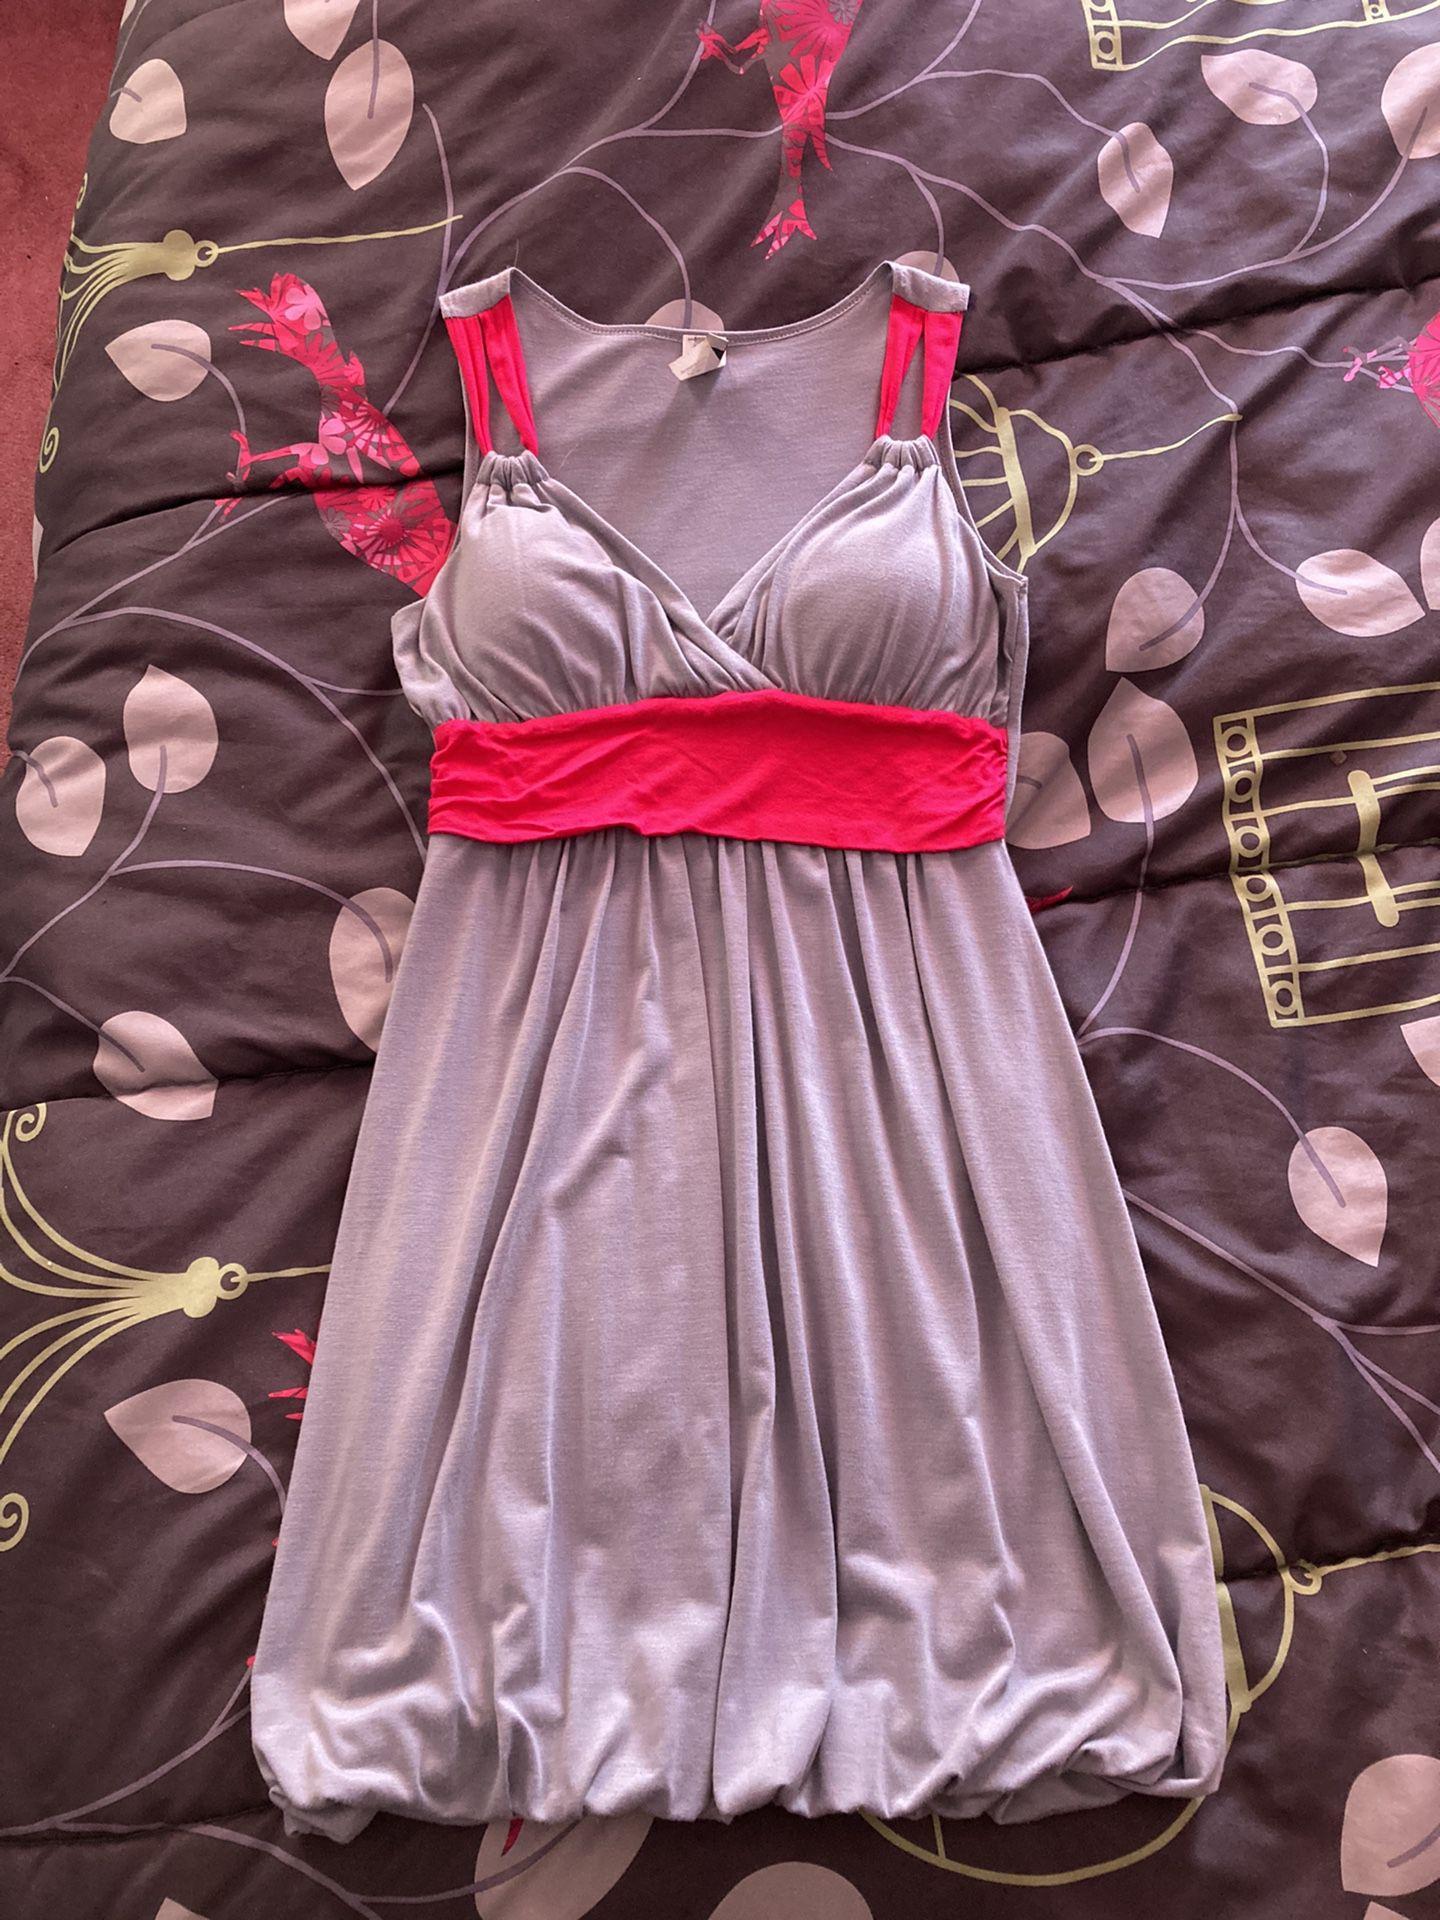 Gray/Pink Summer Dress